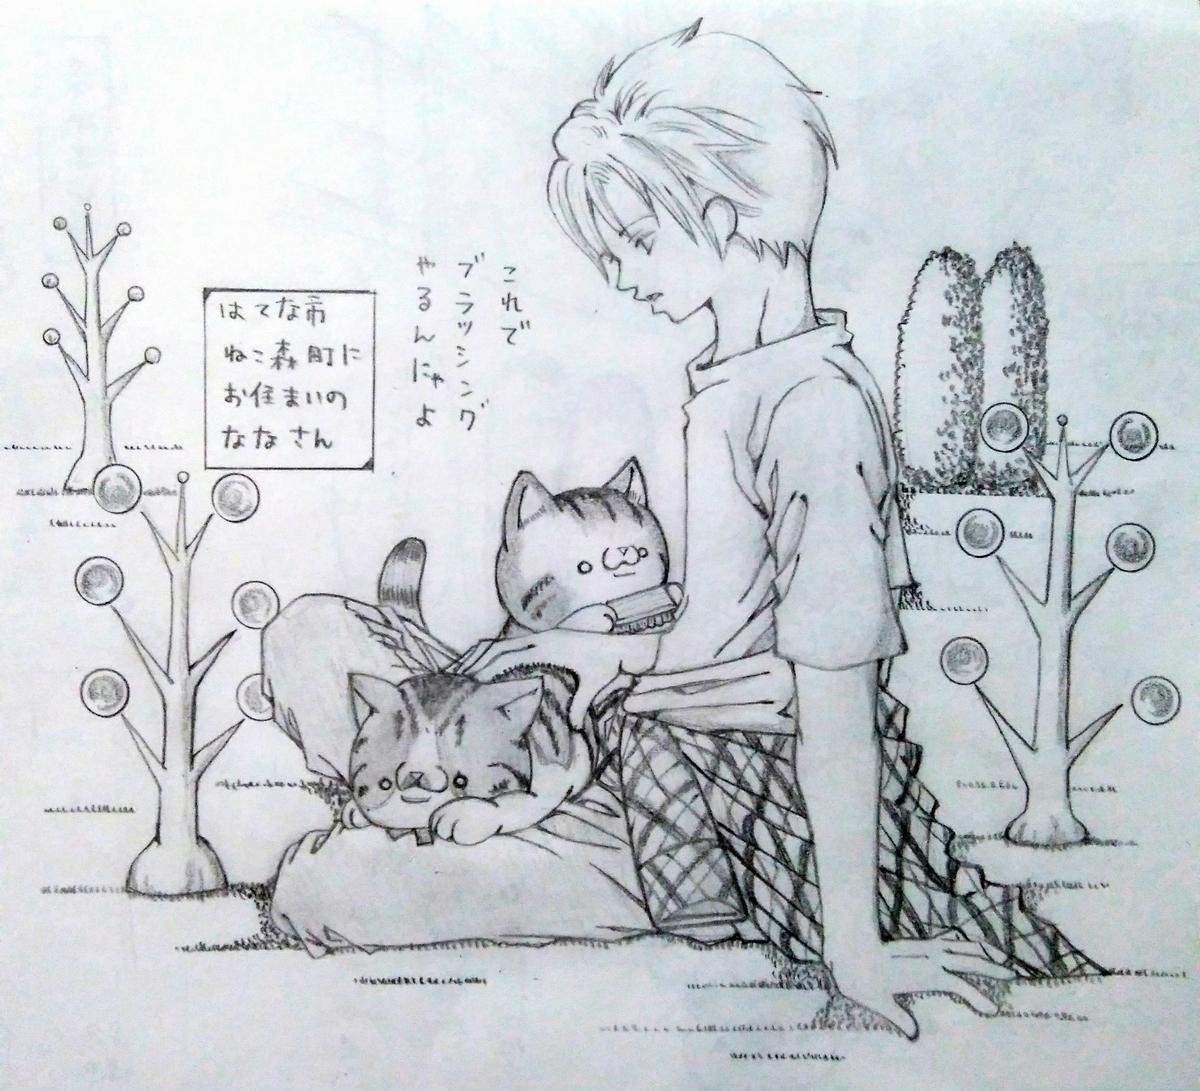 f:id:maricats:20201112184523j:plain